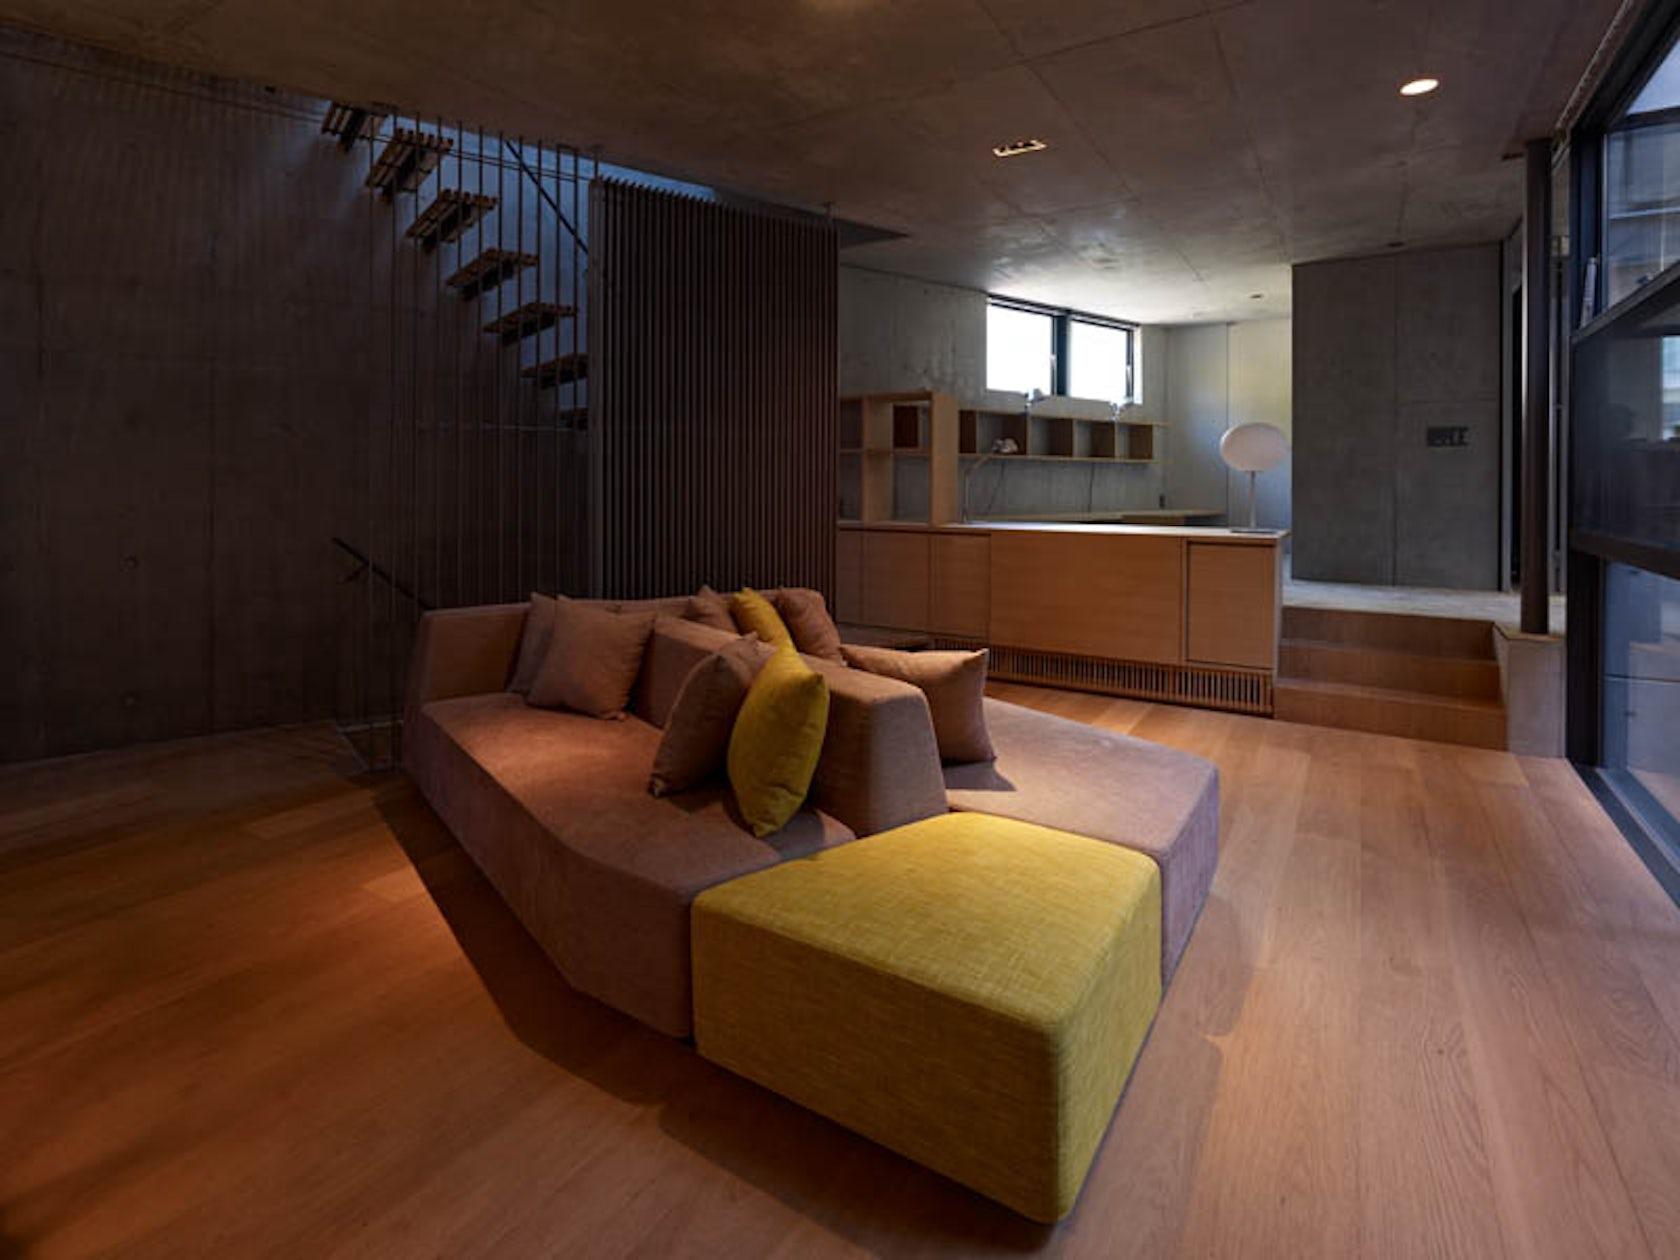 Sky garden house architizer - Residence contemporaine sky garden keiji ashizawa design ...